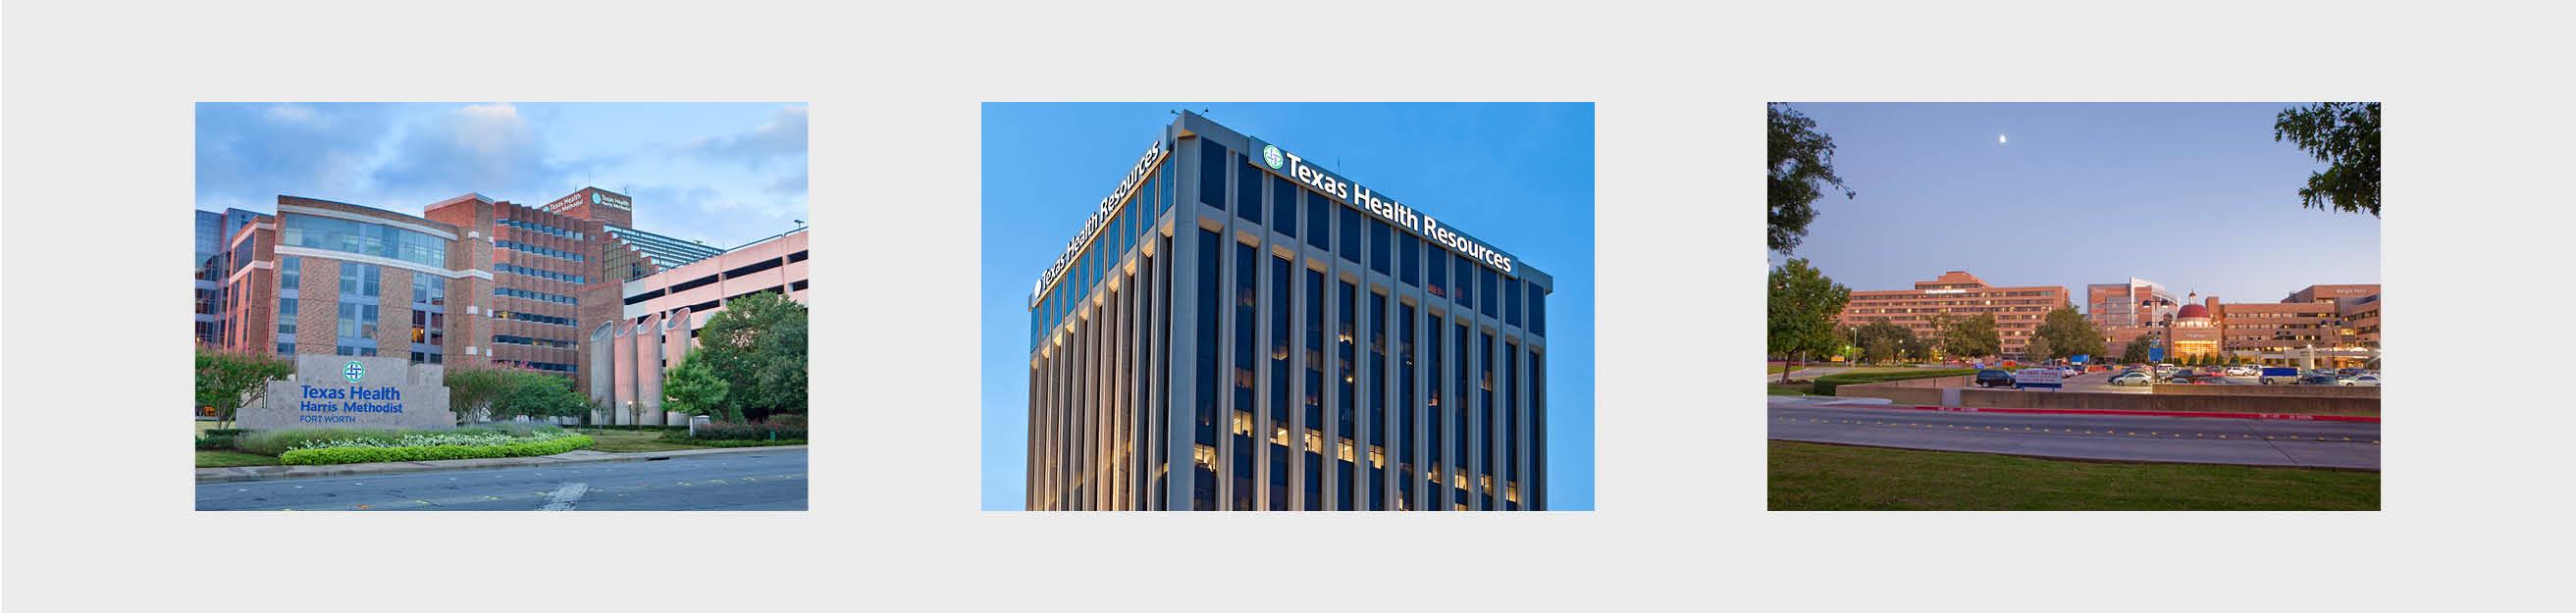 Texas Health REsources Photos